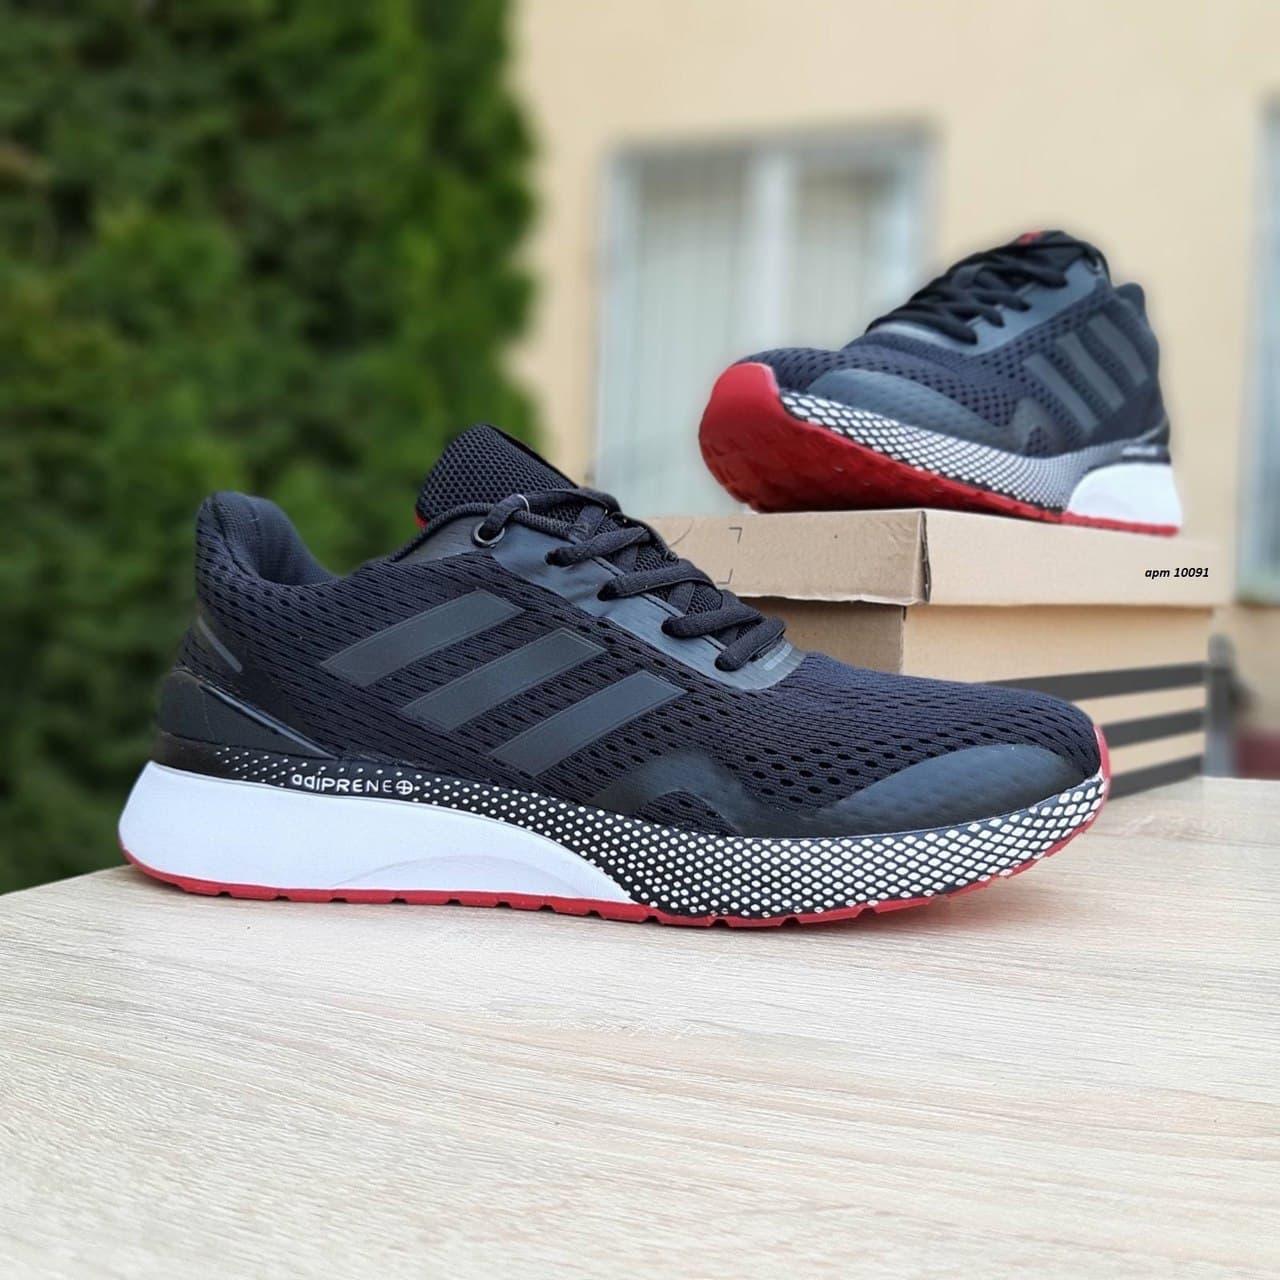 Мужские кроссовки Adidas Nova Run (черные) спортивная демисезонная обувь О10091